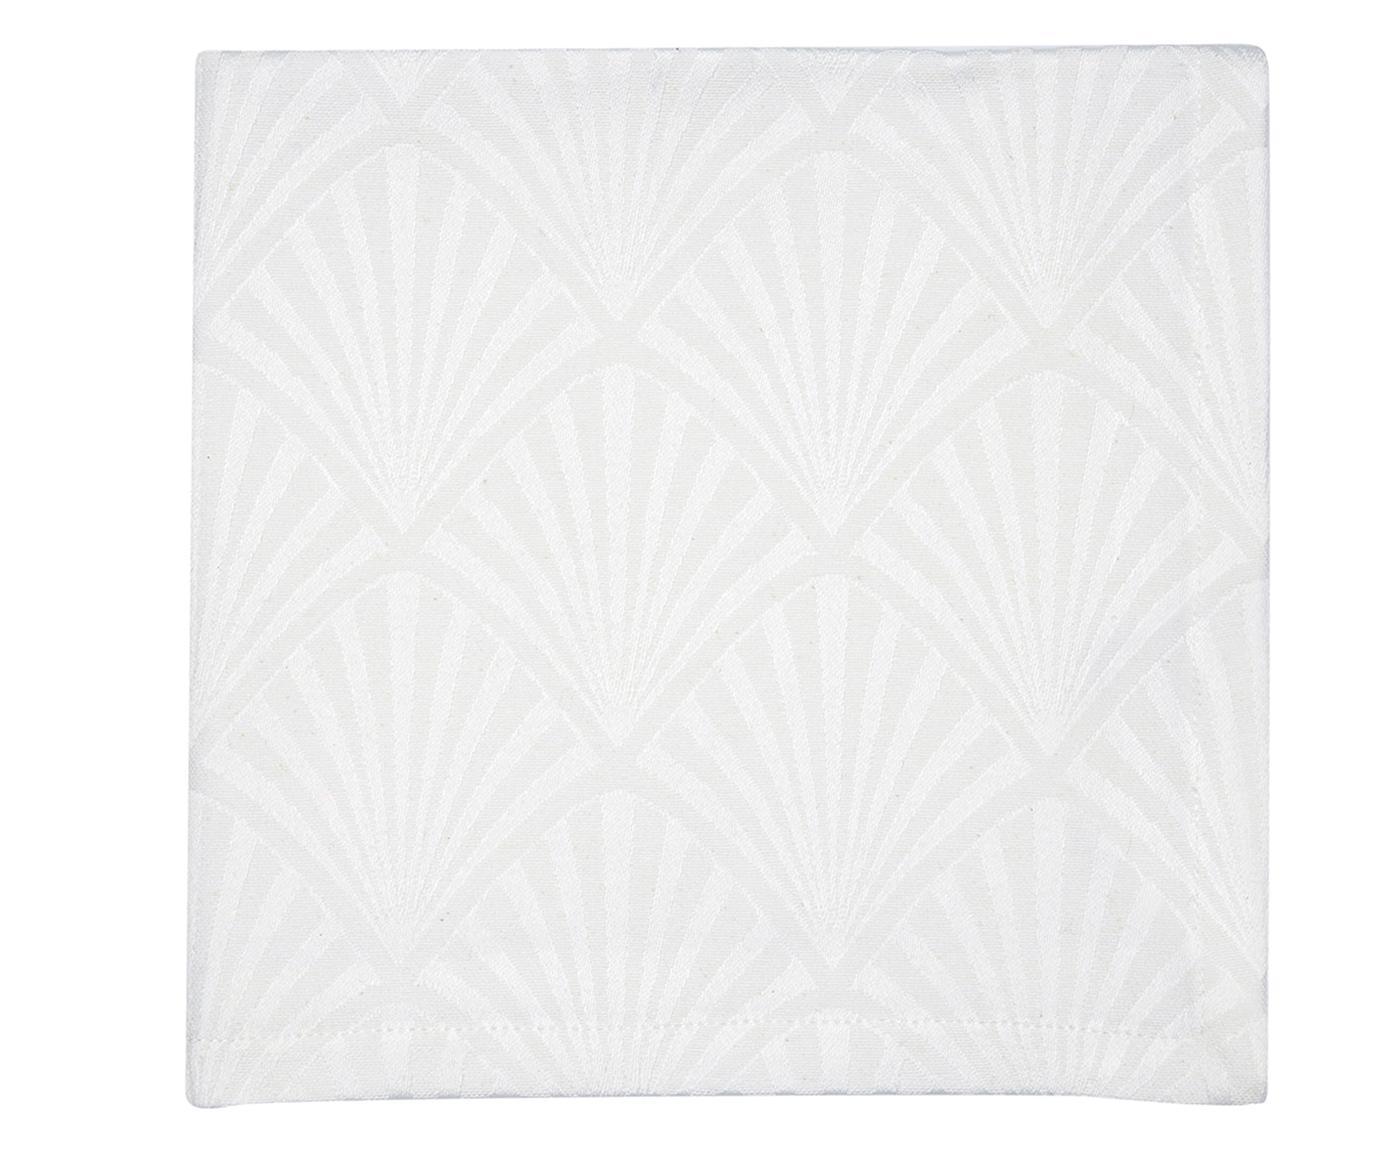 Serwetka z bawełny Celine, 4szt., Biały, S 40 x D 40 cm